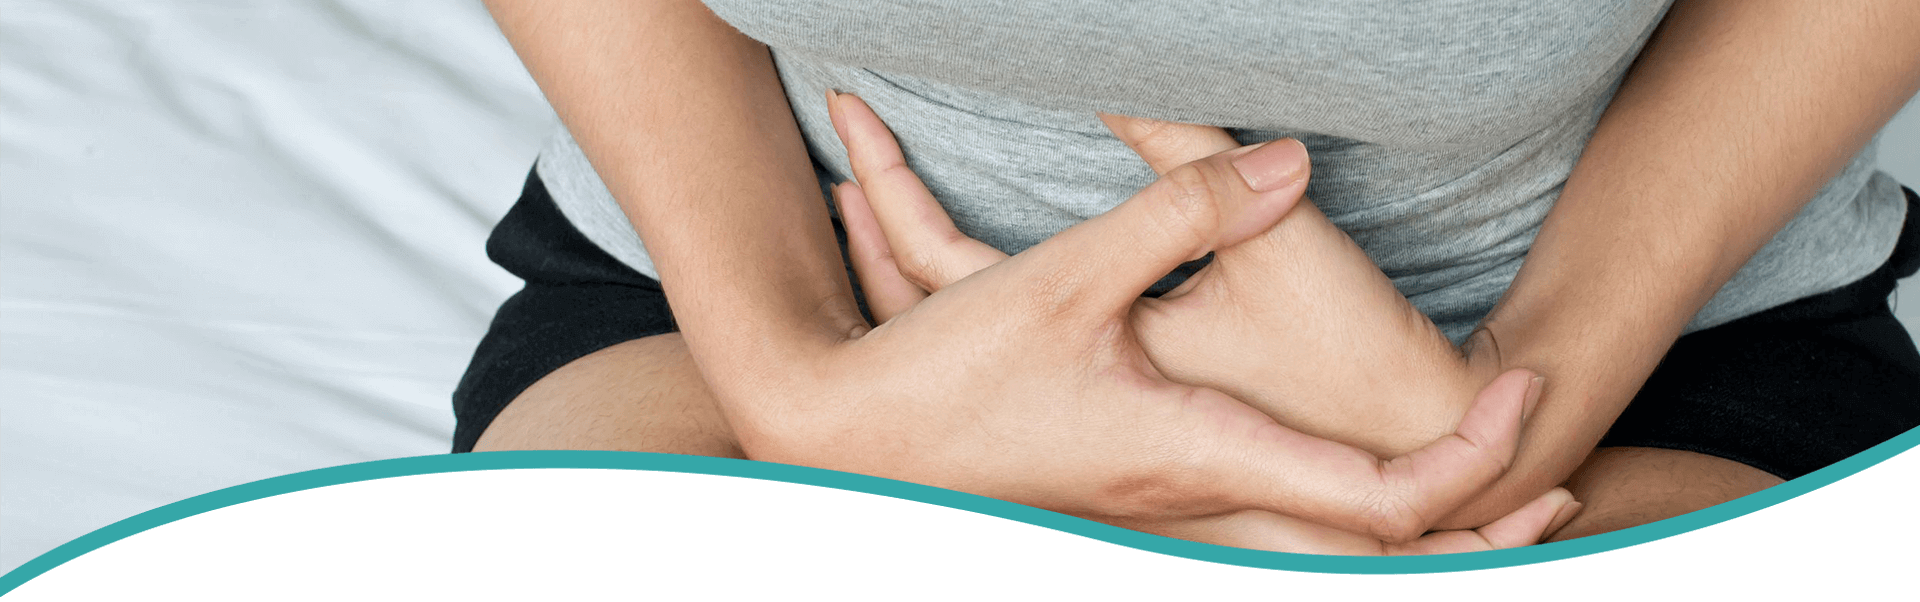 pénisz fekvő helyzetben kicsi